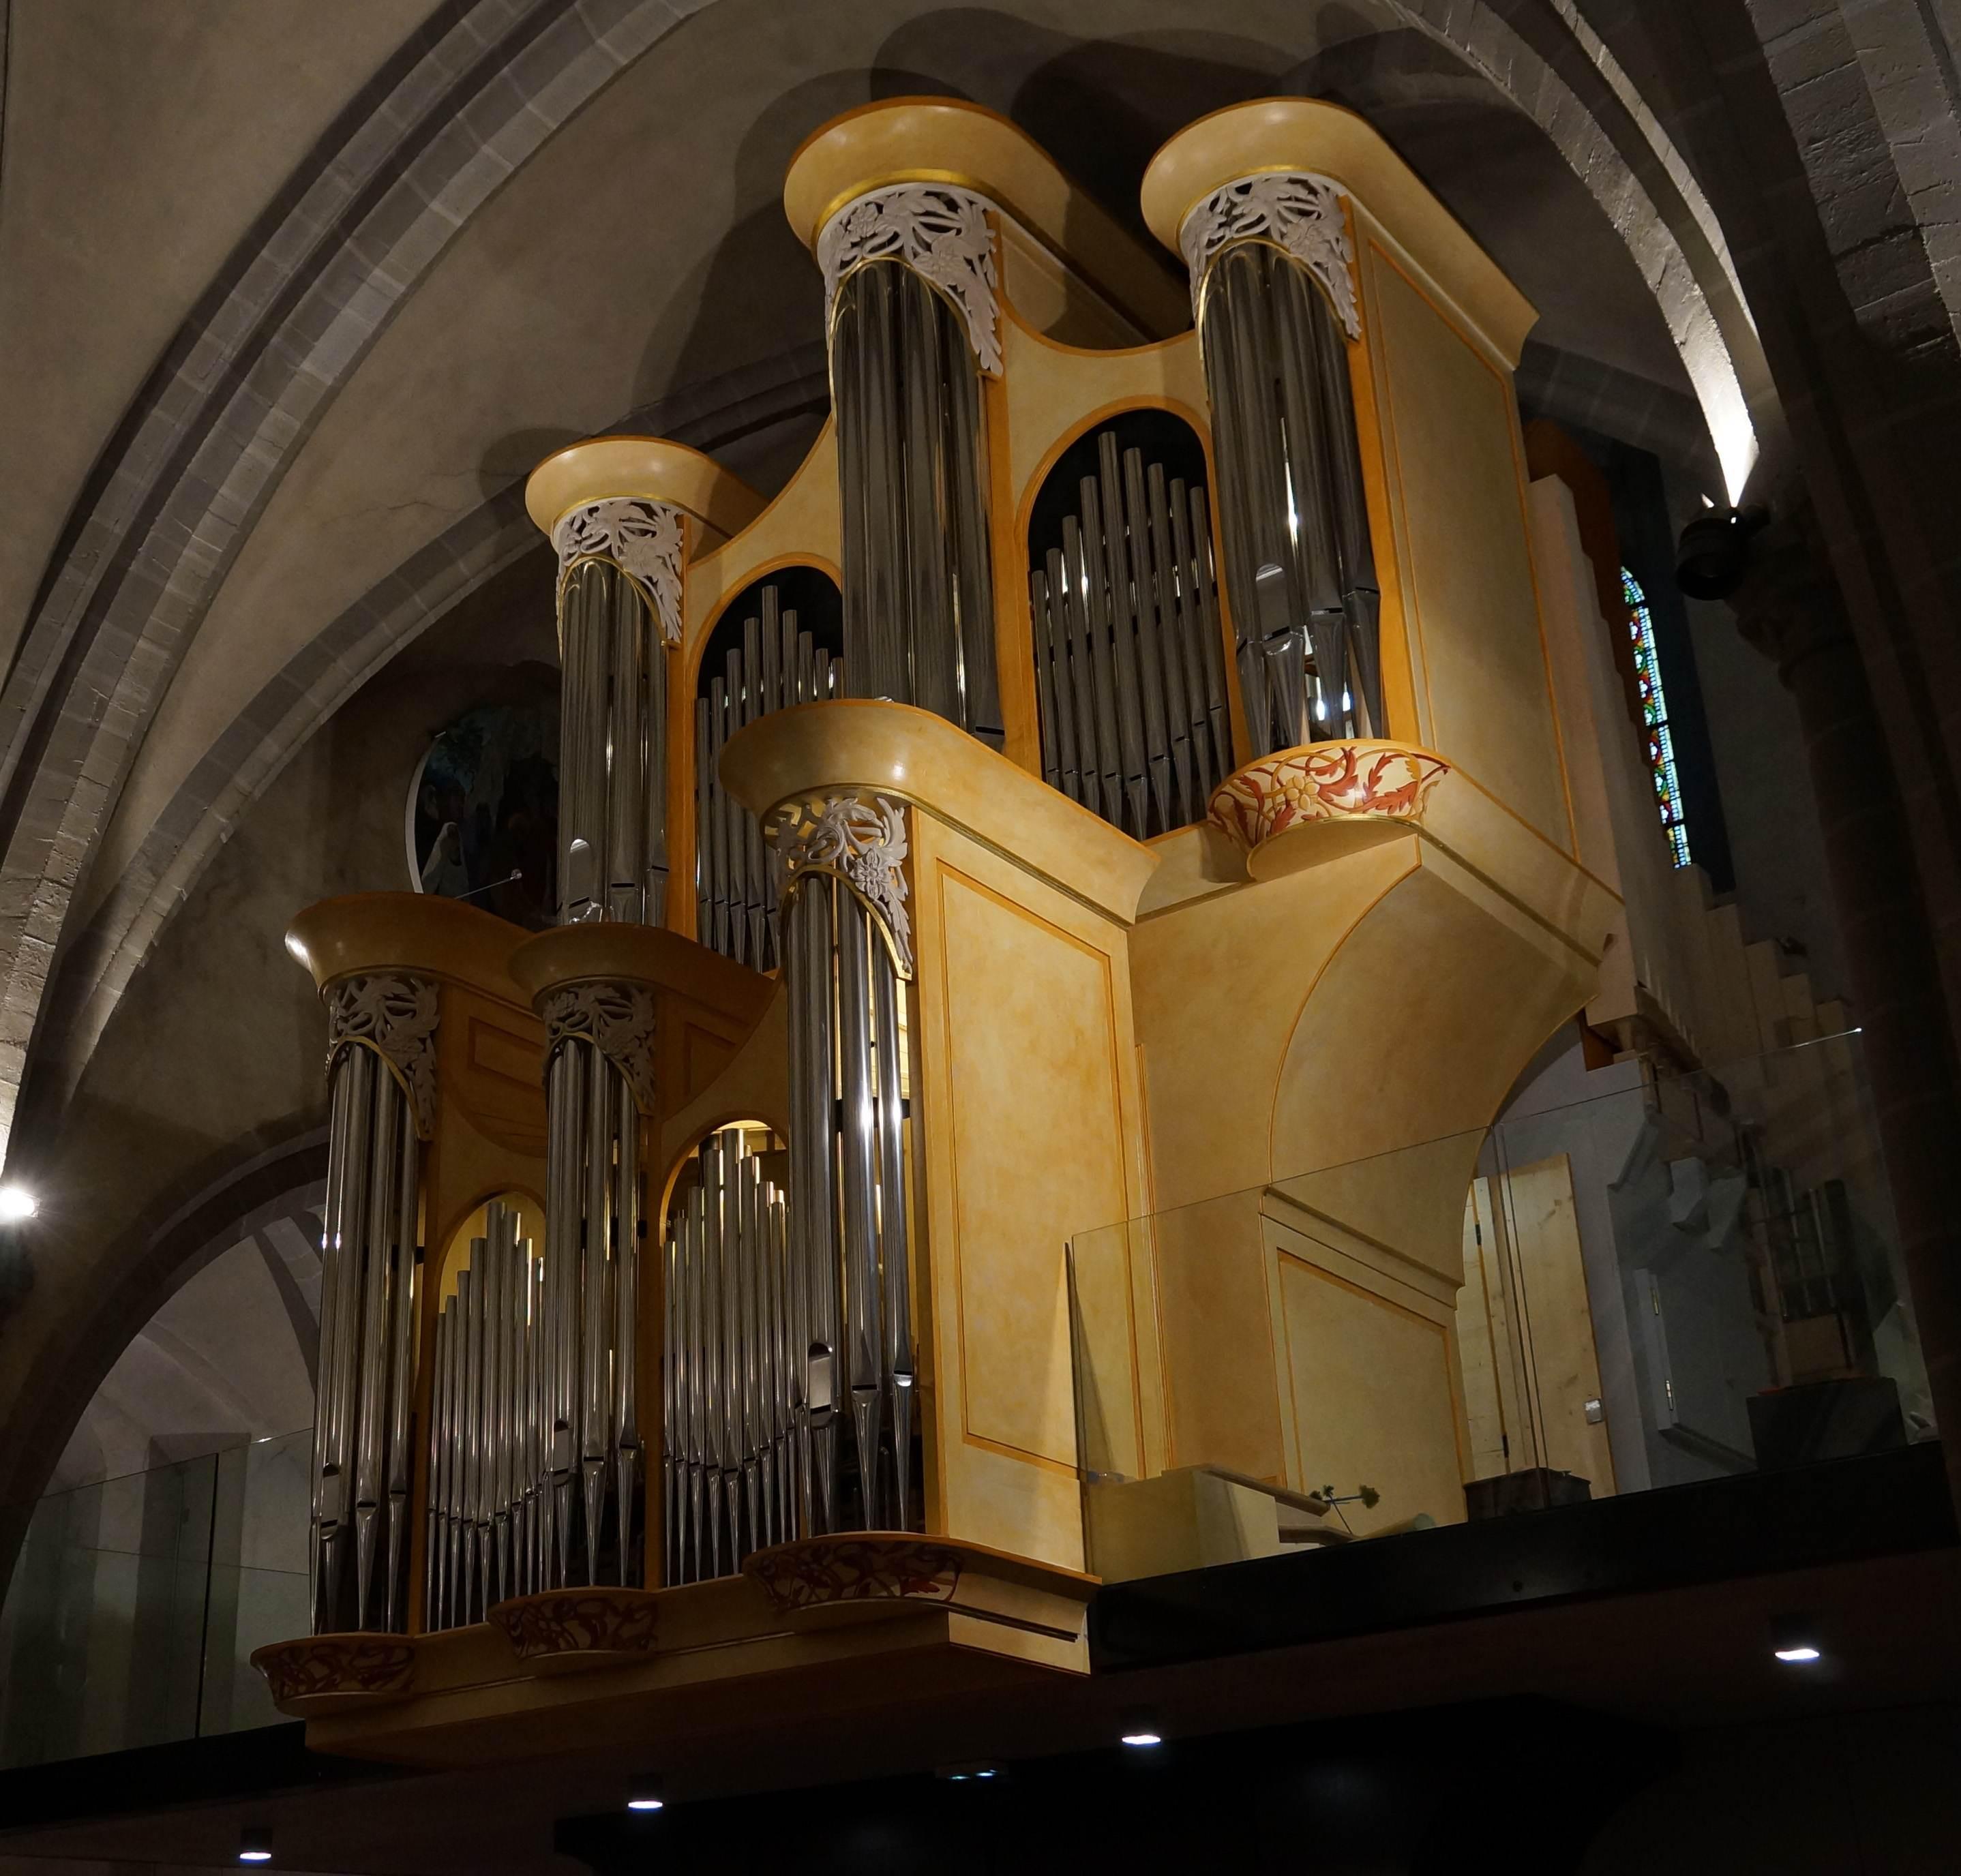 Eglise Notre-Dame de l'Assomption, Evian-les-Bains